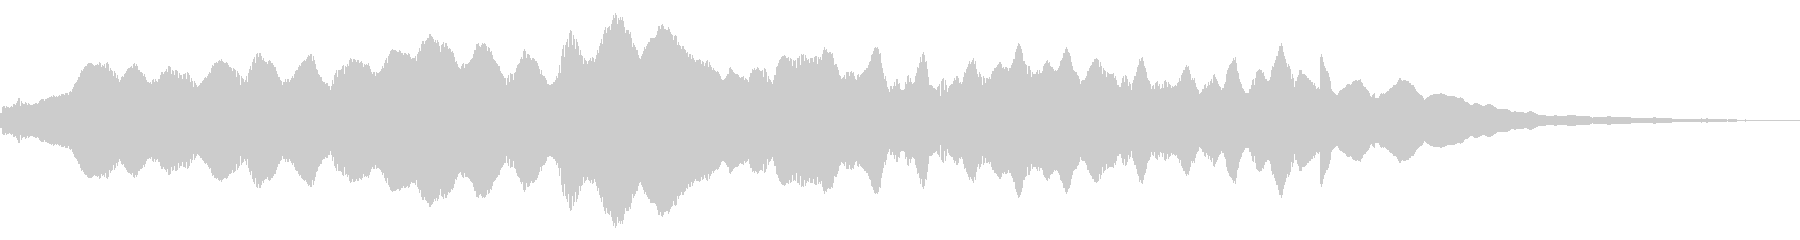 レゾナンスカームニルヴァーナの未再生の波形